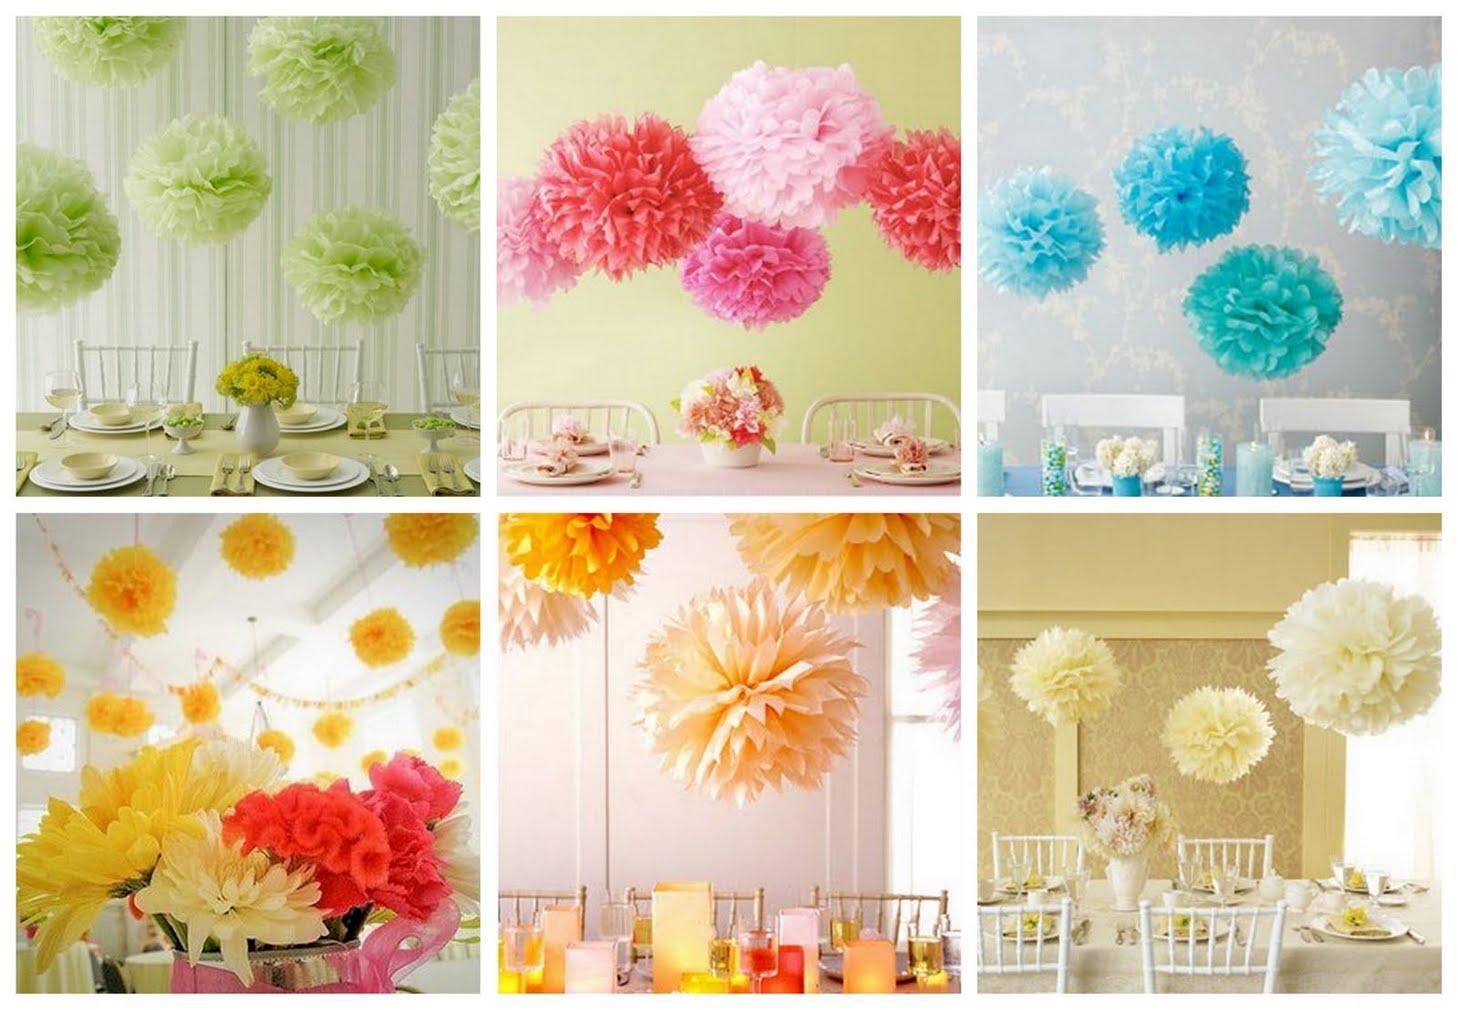 aliexpress com 25cm 10 hand made tissue paper honeycomb - Pom Pom Decorations